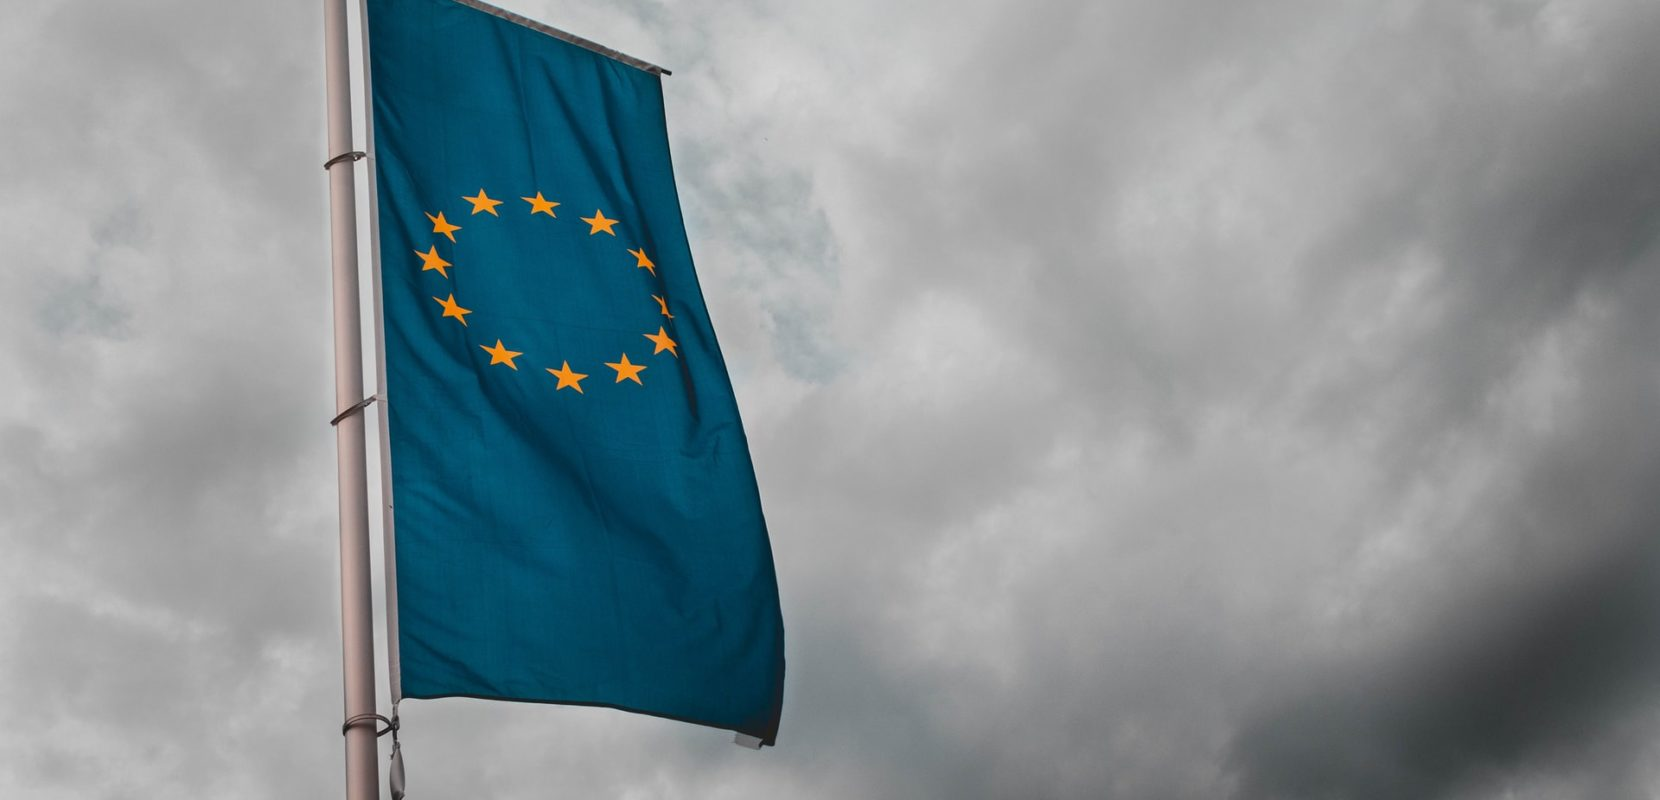 prawo unijne, kredyty frankowe, odfrankowienie